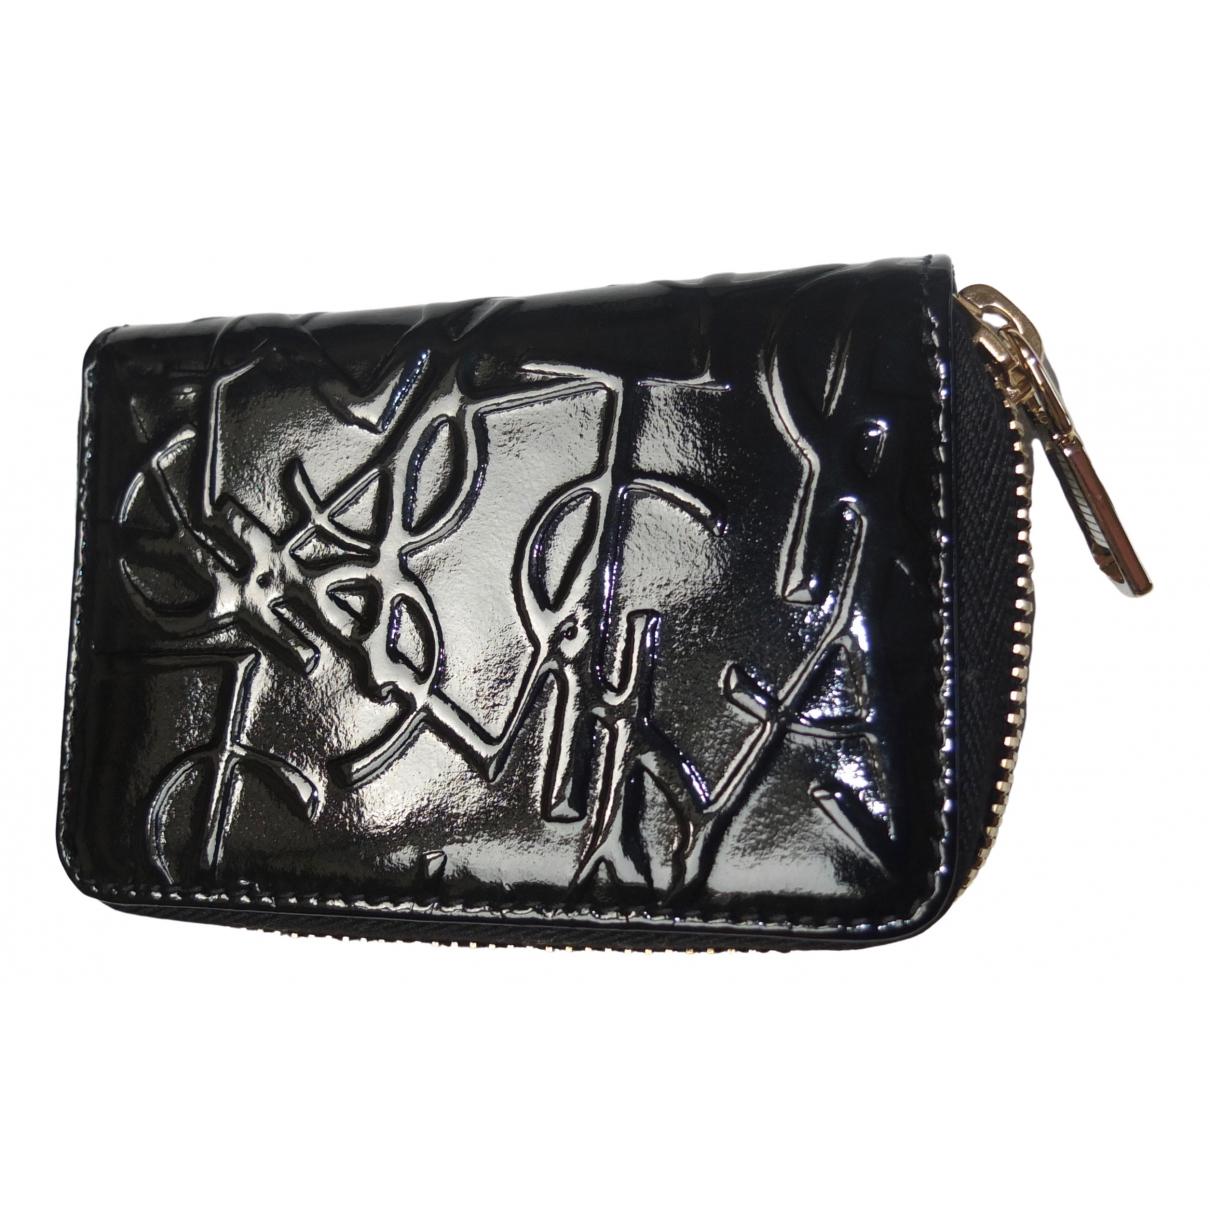 Yves Saint Laurent - Portefeuille   pour femme en cuir verni - noir